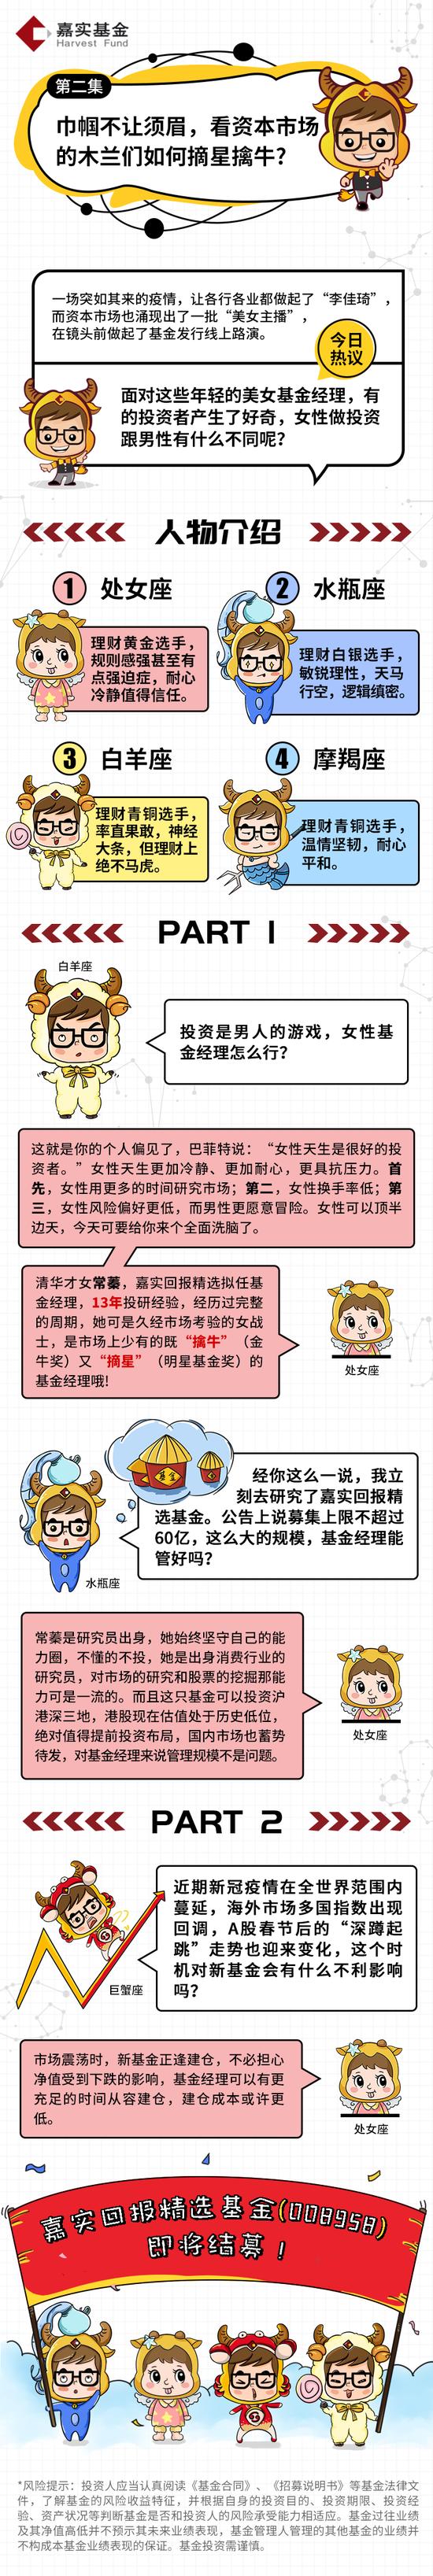 【实拍】王俊凯粉末大片,视频还原详情始末